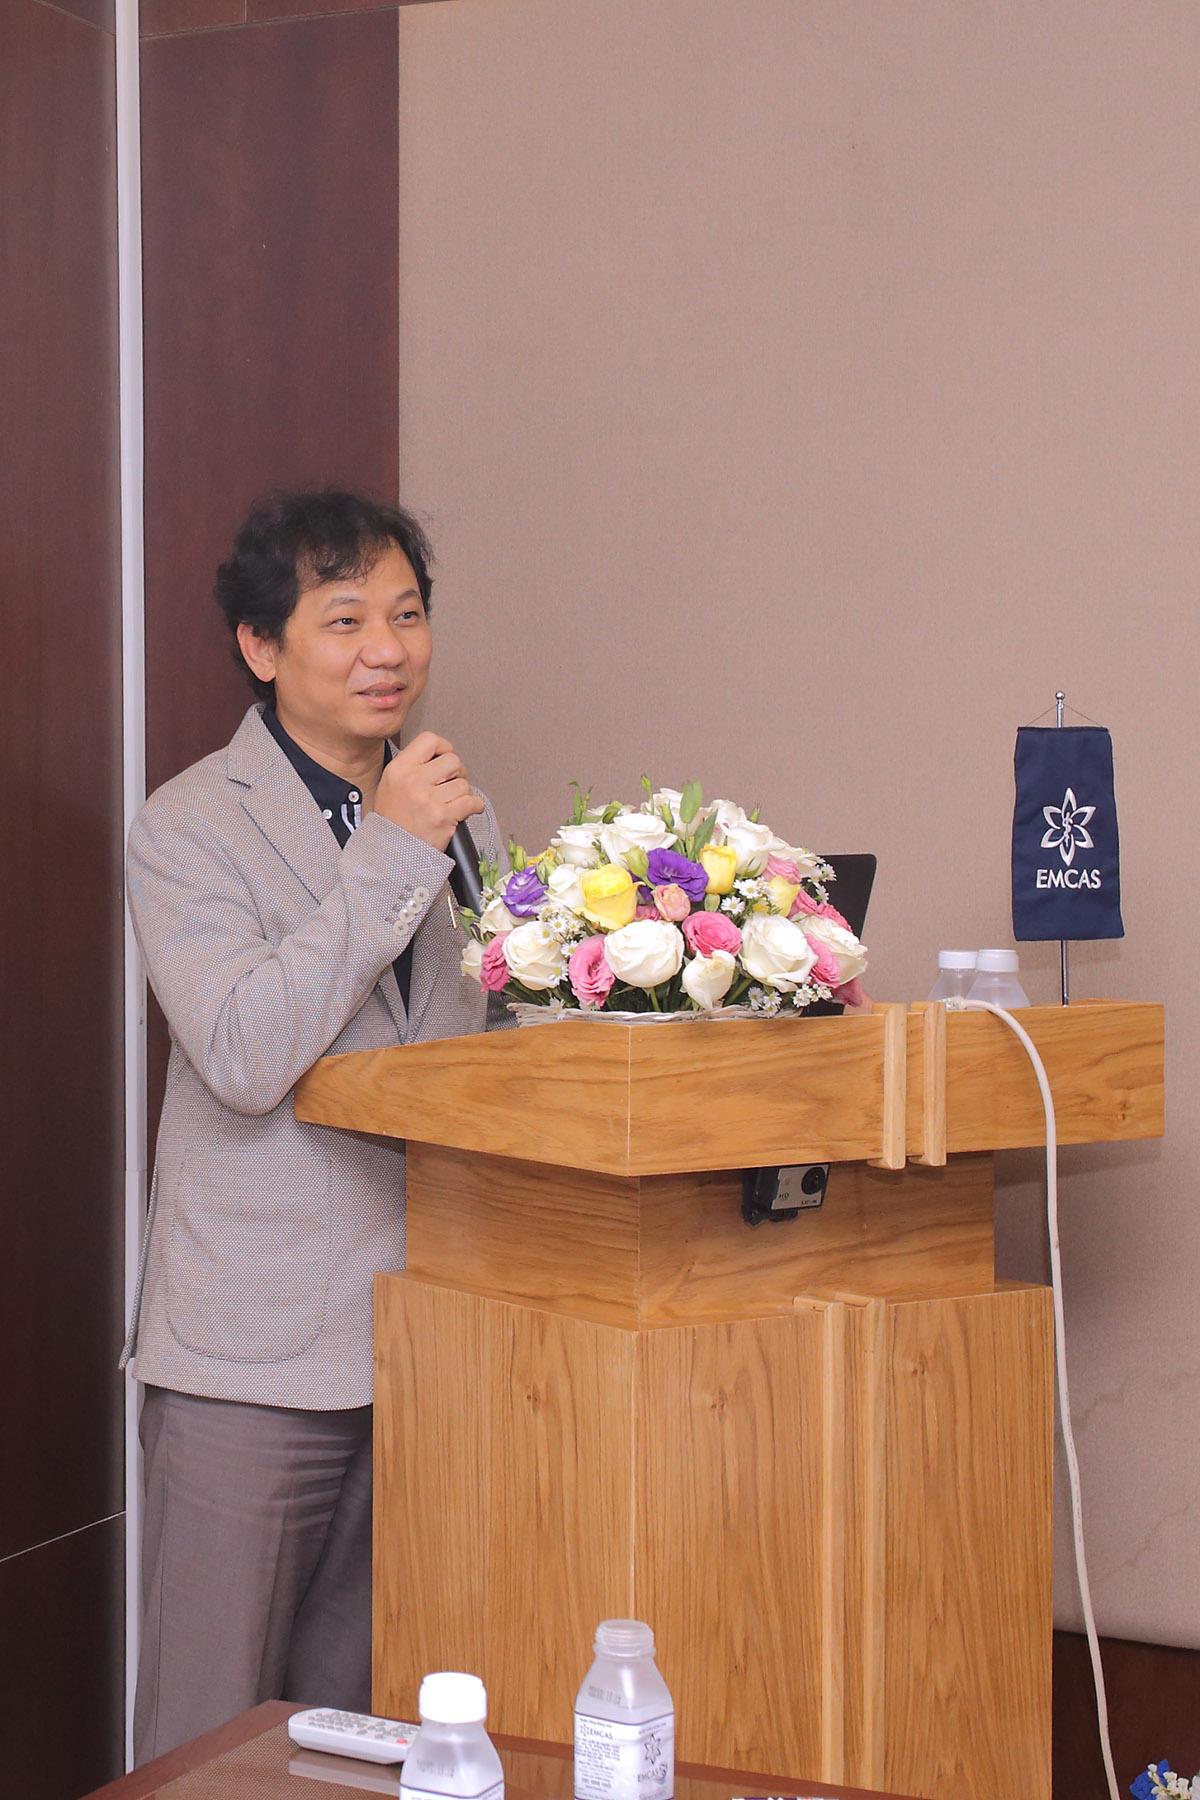 Hinh 2 - BS CK1 PHAM XUAN KHIEM (GD BENH VIEN THAM MY EMCAS)